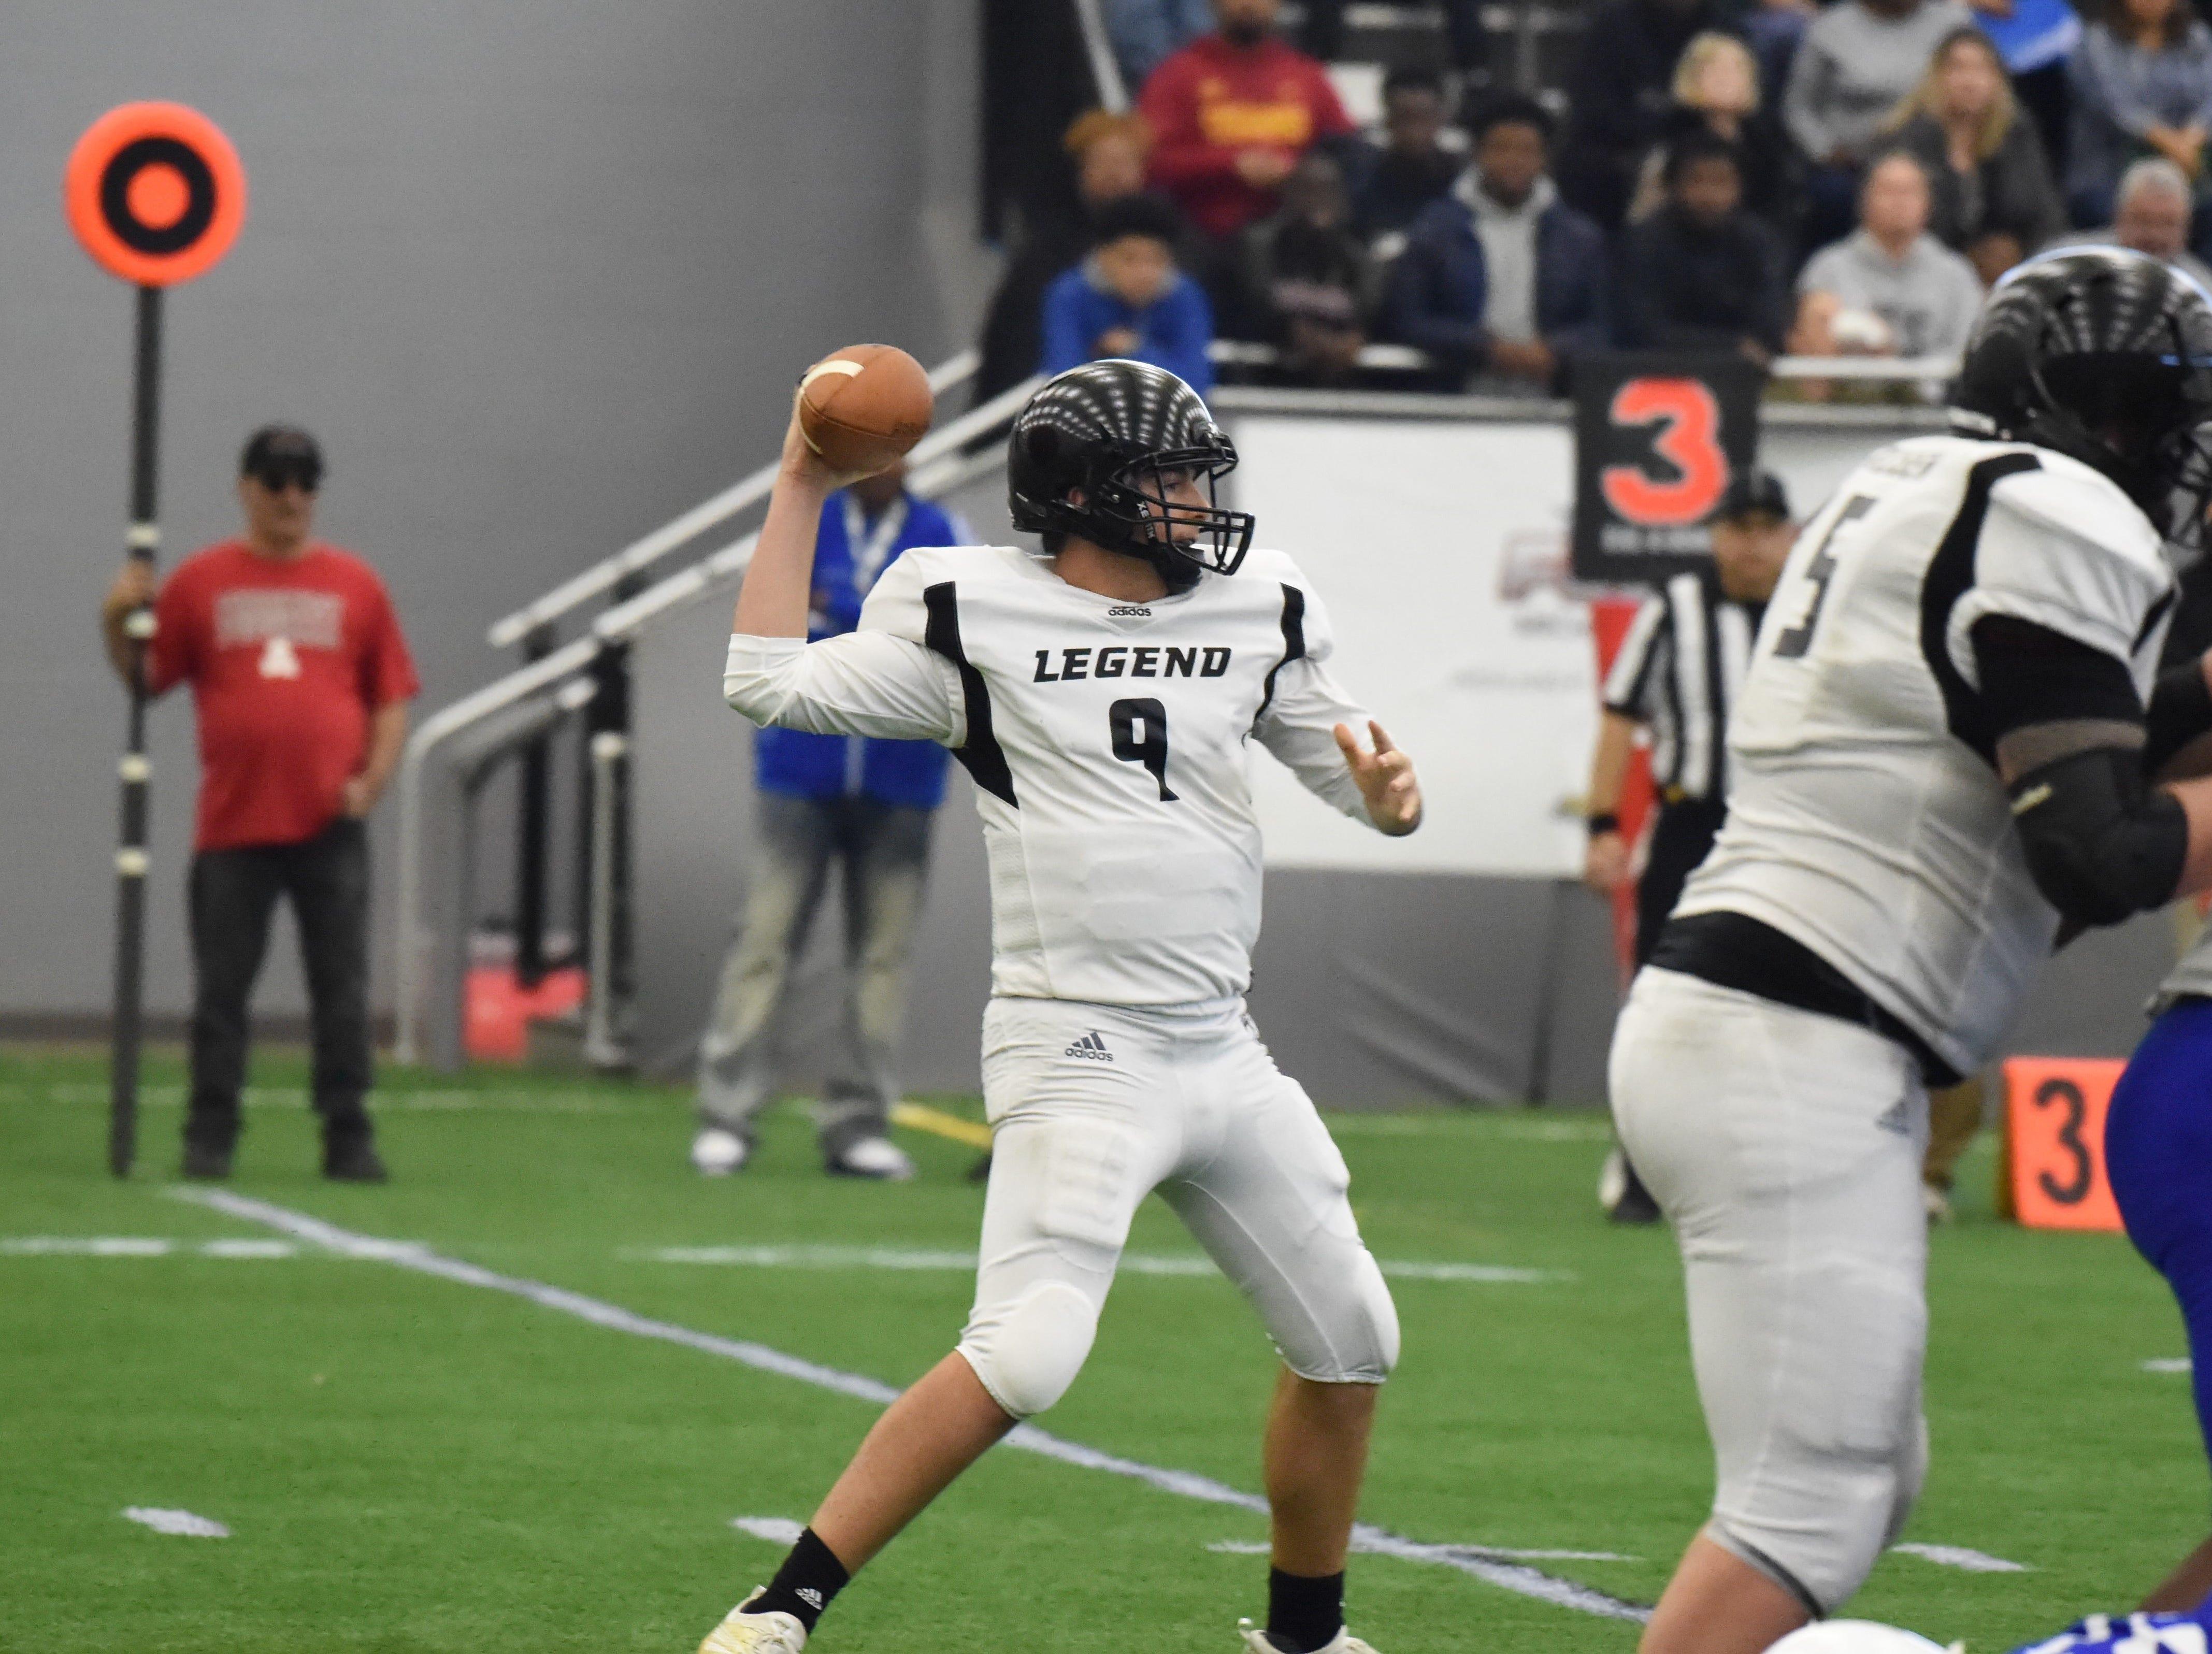 Ready to throw the football is Team Legends quarterback Matt Hornyak (9).